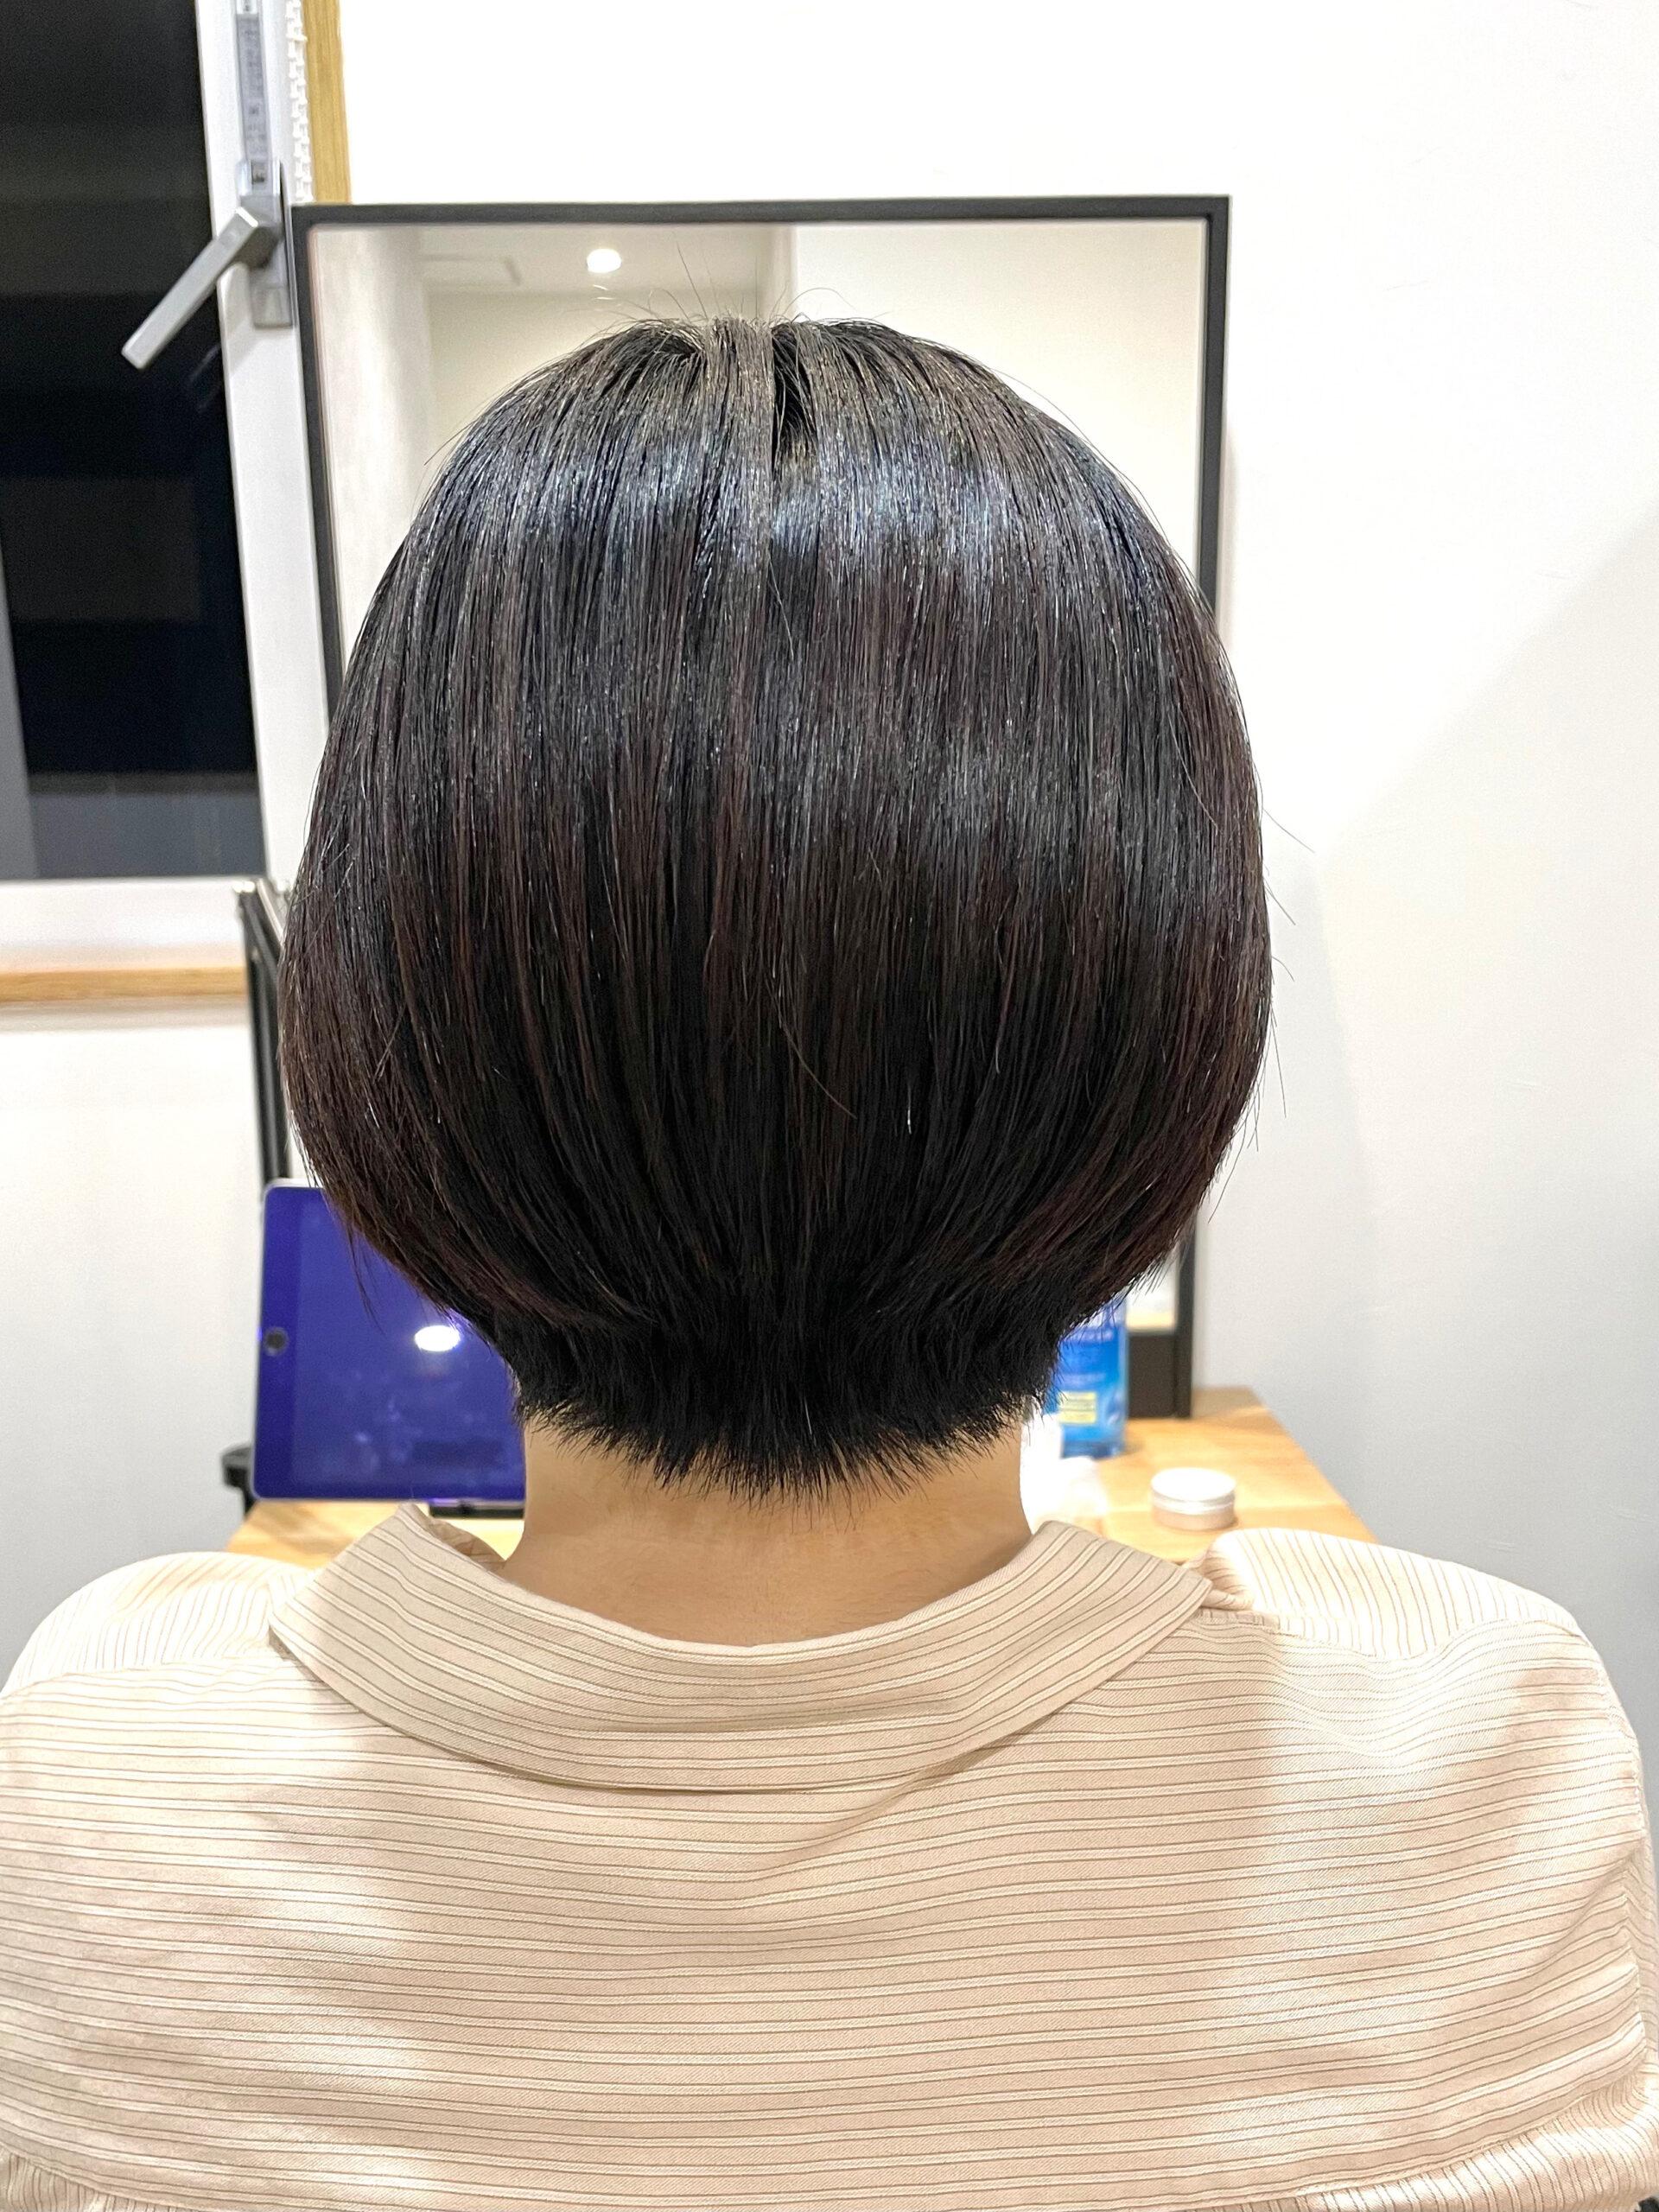 大分県別府市 髪の毛が多い、癖が強い、ボリュームが出るといった悩みがあっても弱酸性ストレートならショートヘアも可能です! アフター